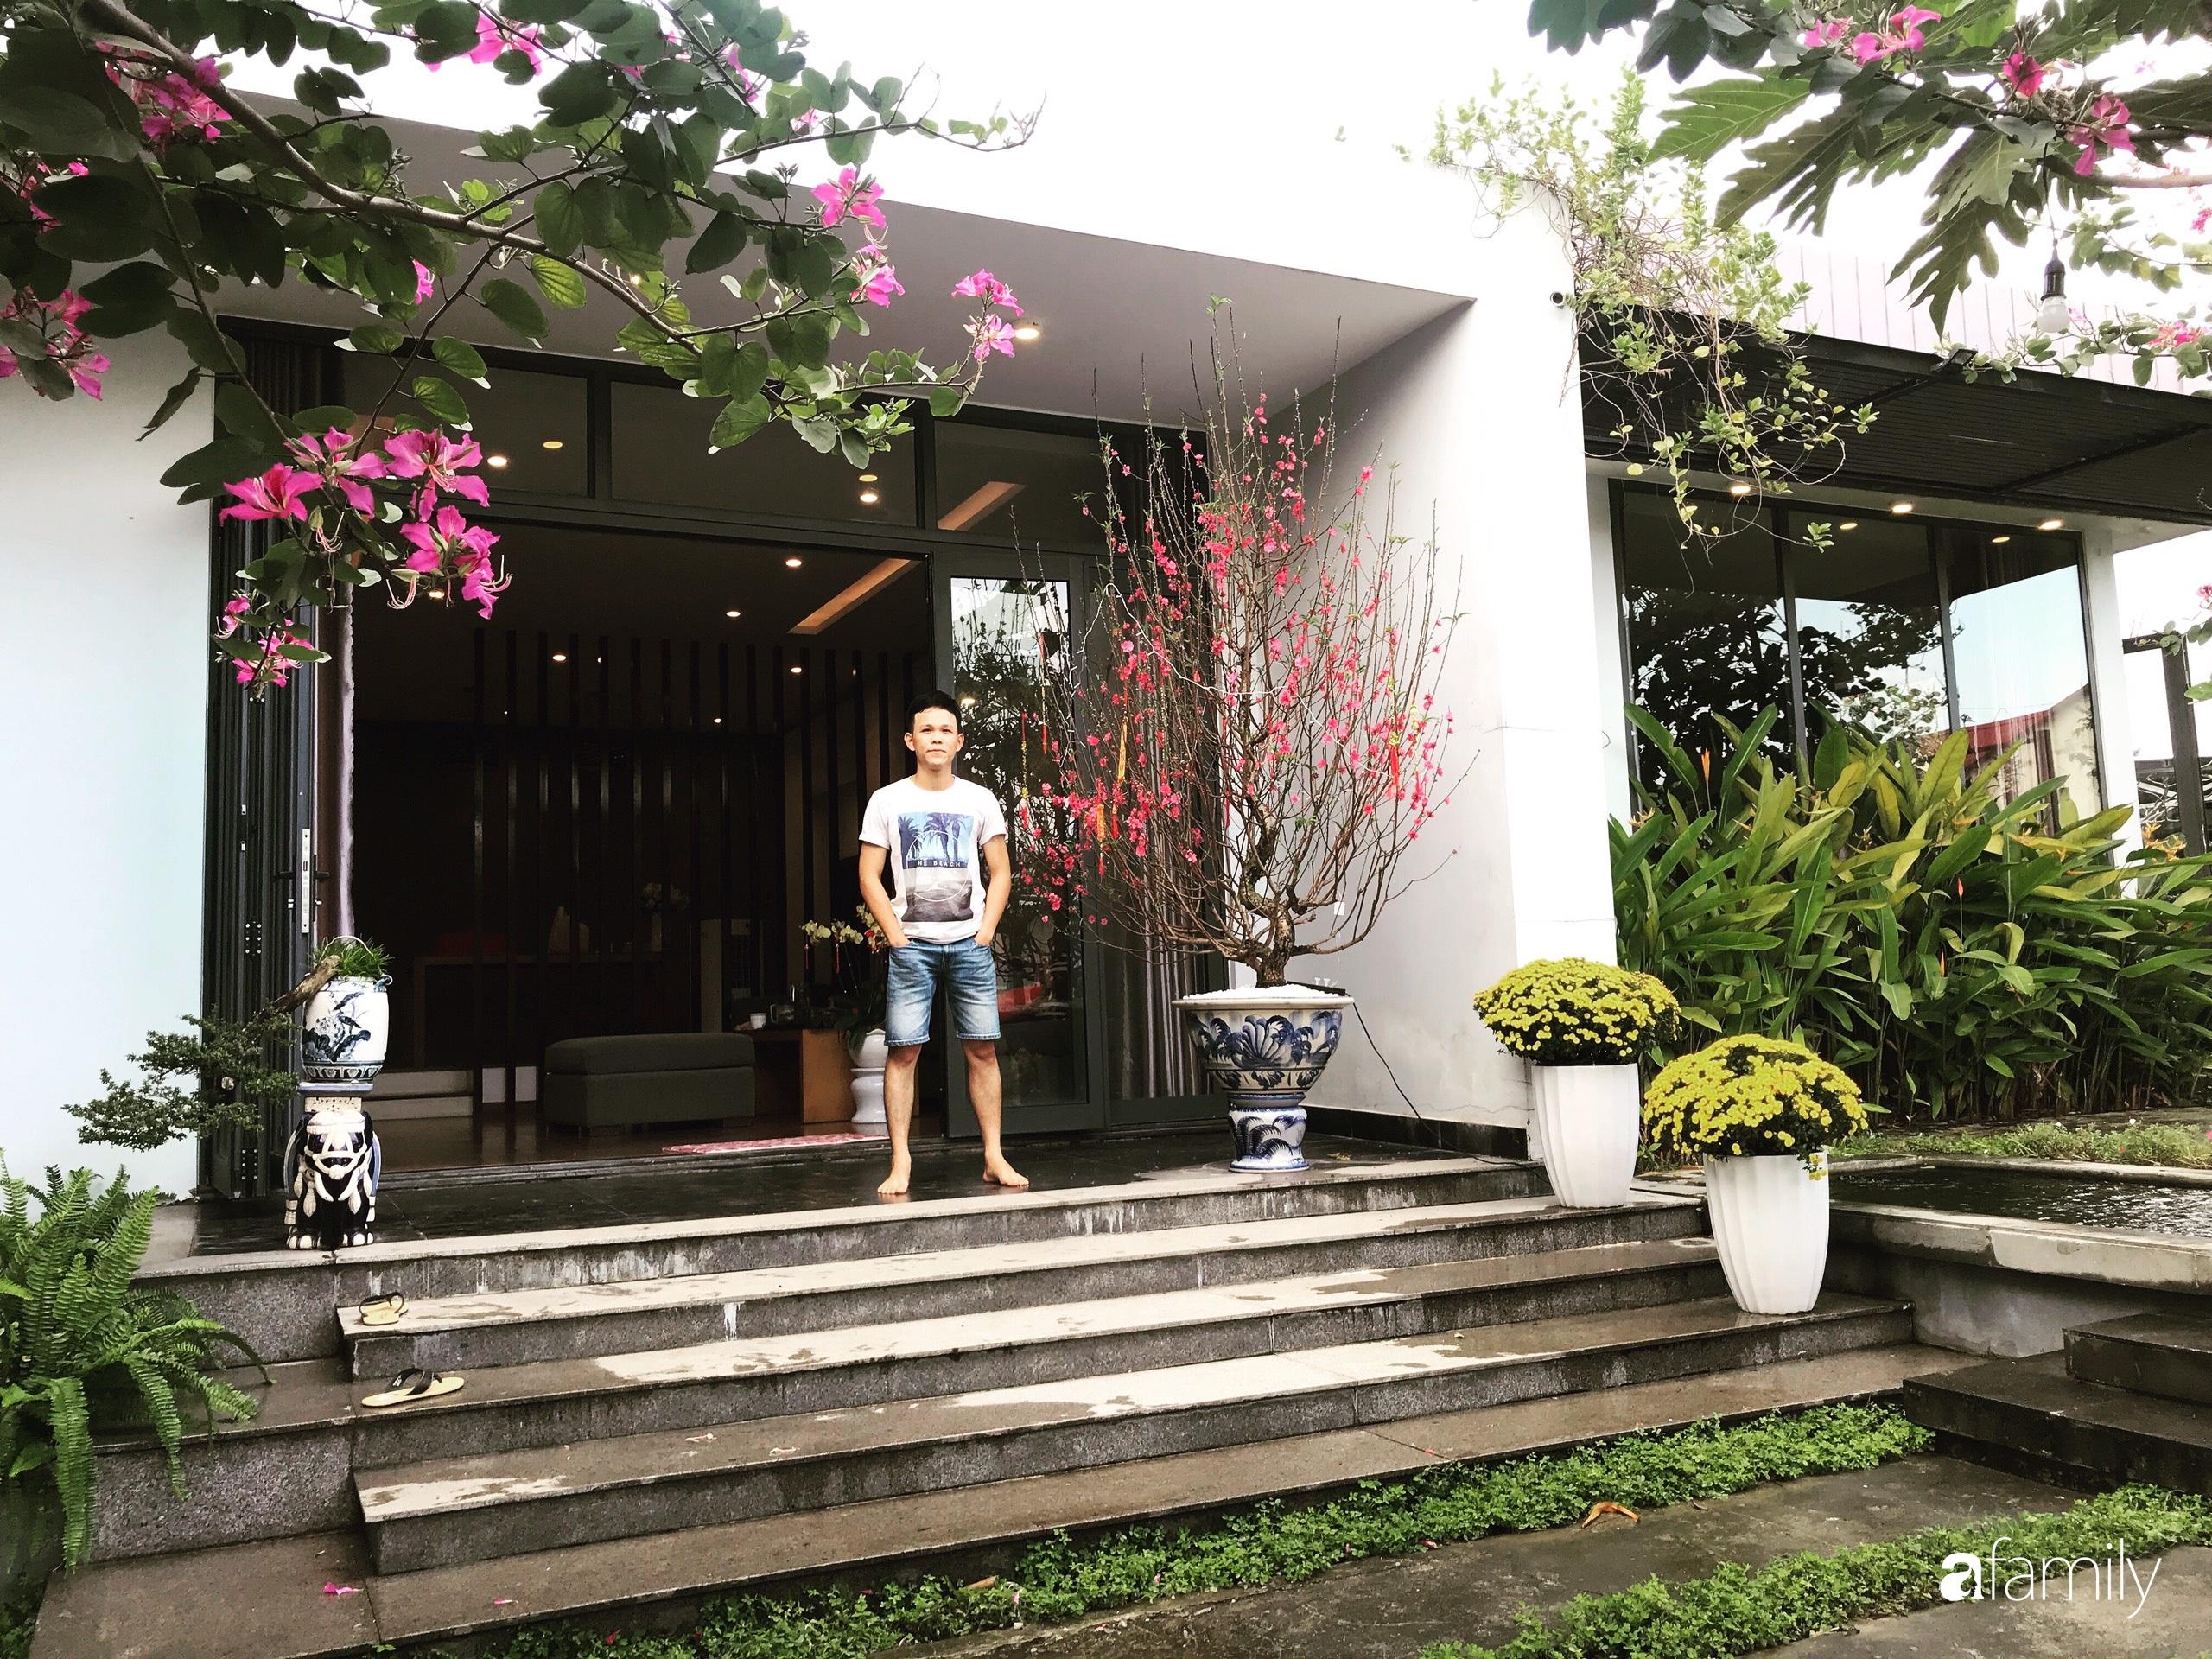 Chàng sinh viên kiến trúc tự decor vườn 200m² với cây xanh và ao cá cho gia đình 4 thế hệ ở ngoại ô Đà Nẵng - Ảnh 1.